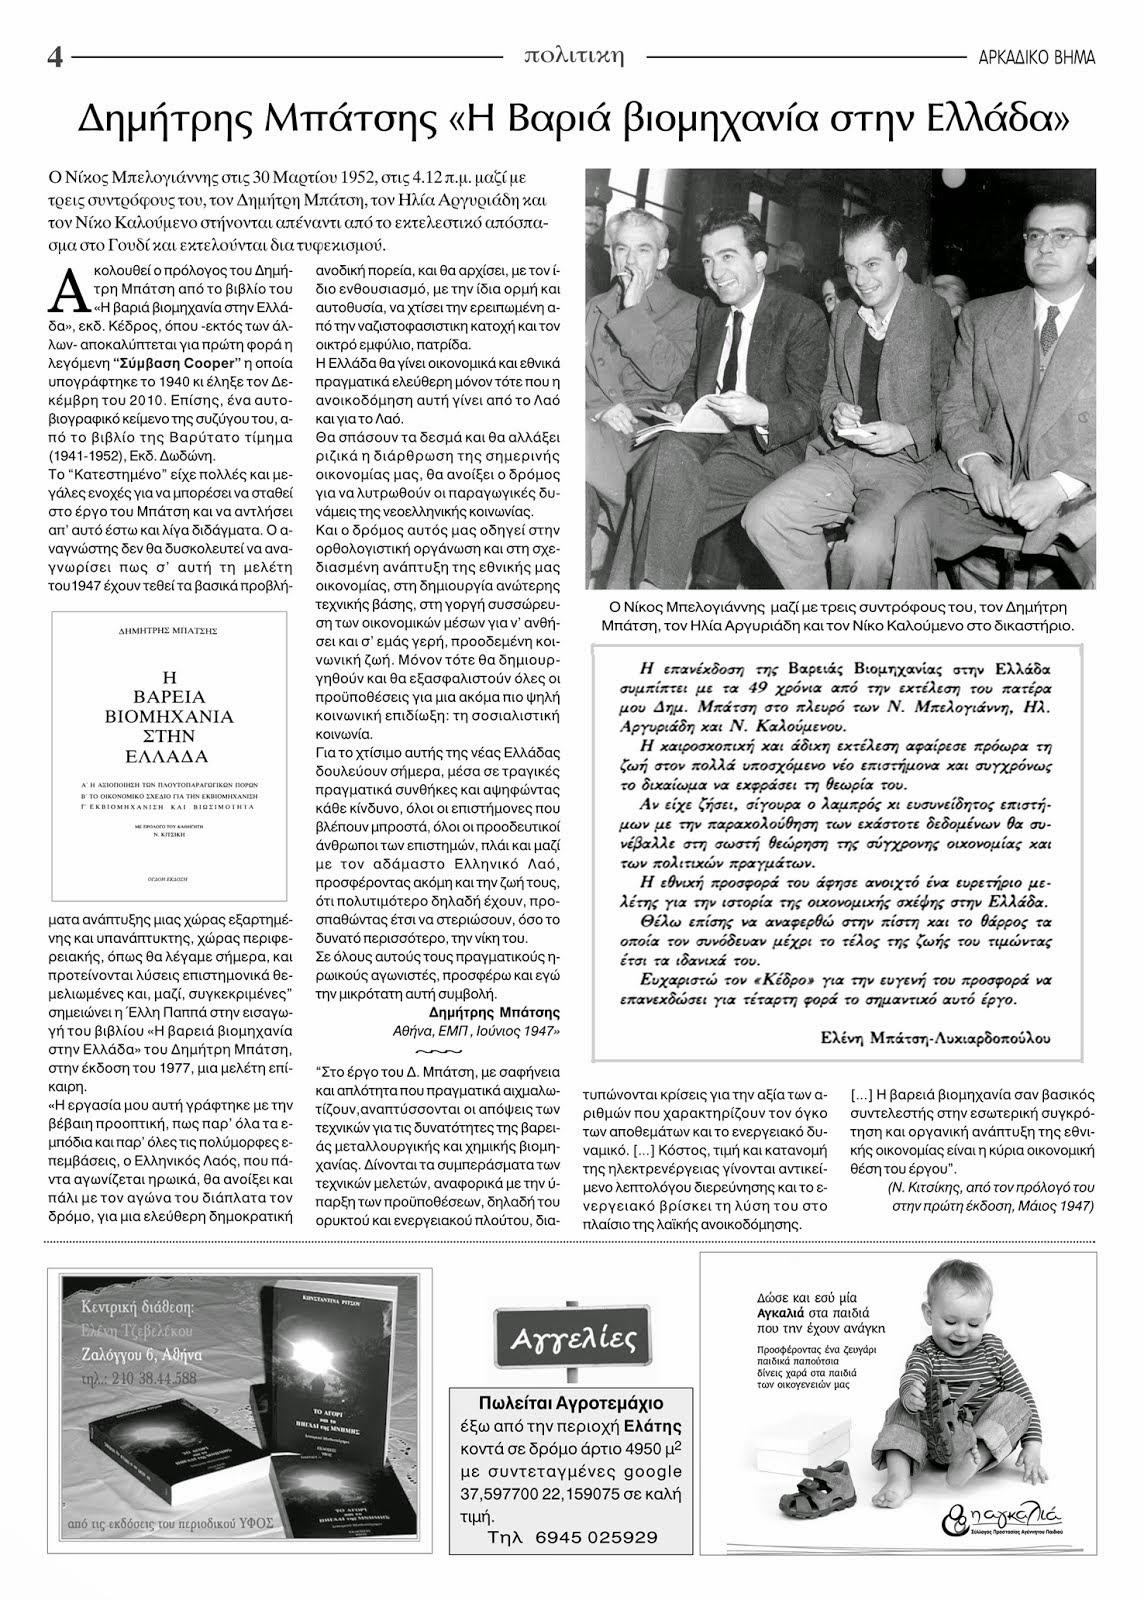 """ΑΡΚΑΔΙΚΟ ΒΗΜΑ: Δημήτρης Μπάτσης """"Η βαριά βιομηχανία στην Ελλάδα"""""""